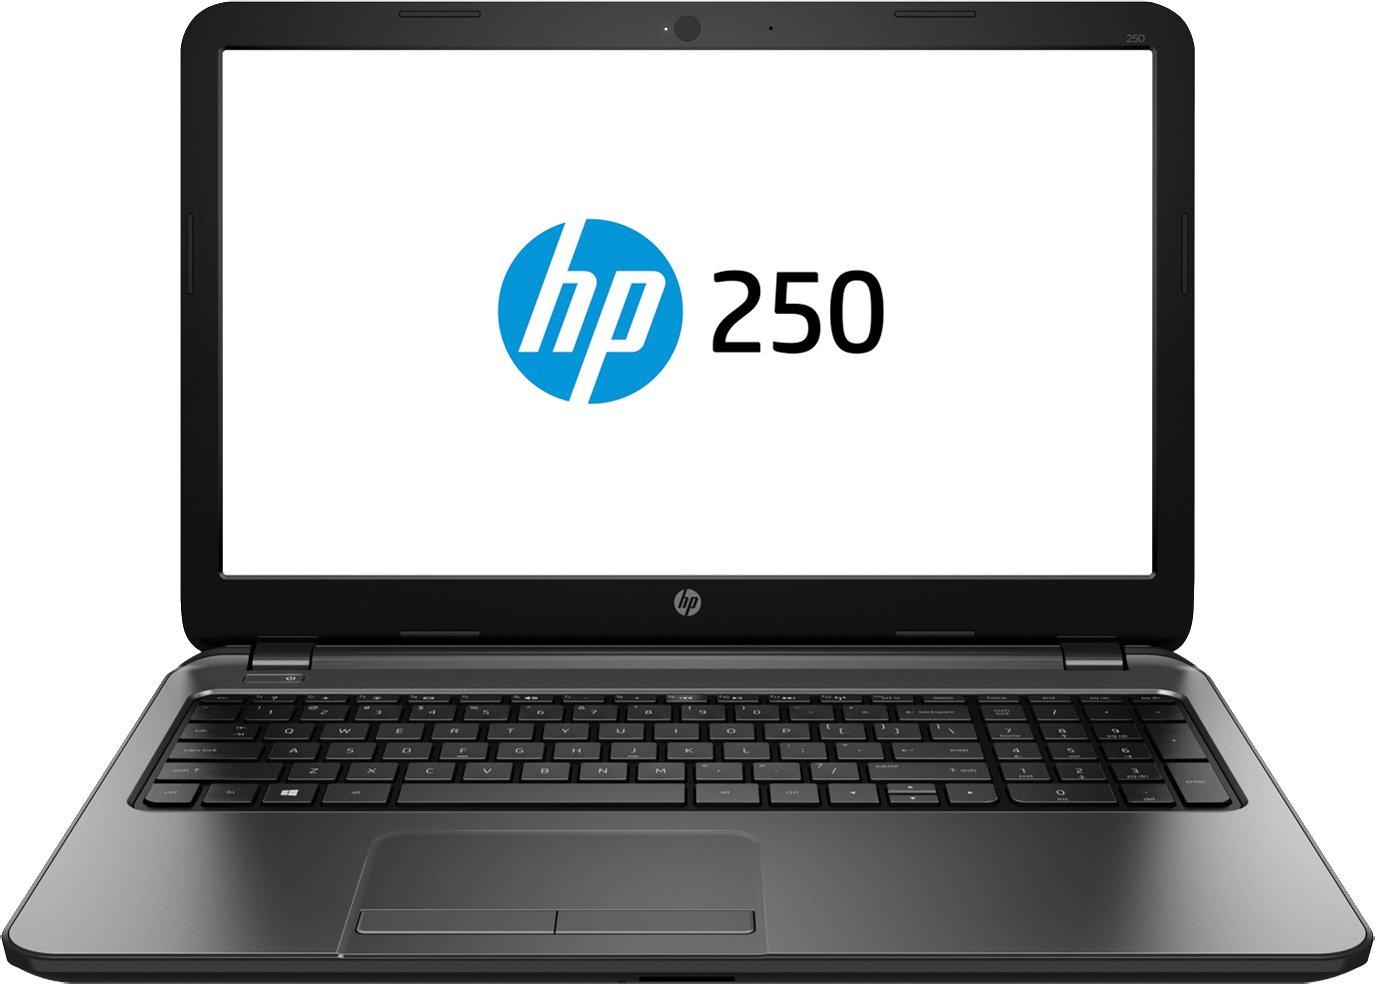 Bild zu 15,6 Zoll Notebook HP 250 G3 (K3X65ES) für 306,99€ inkl. Versand